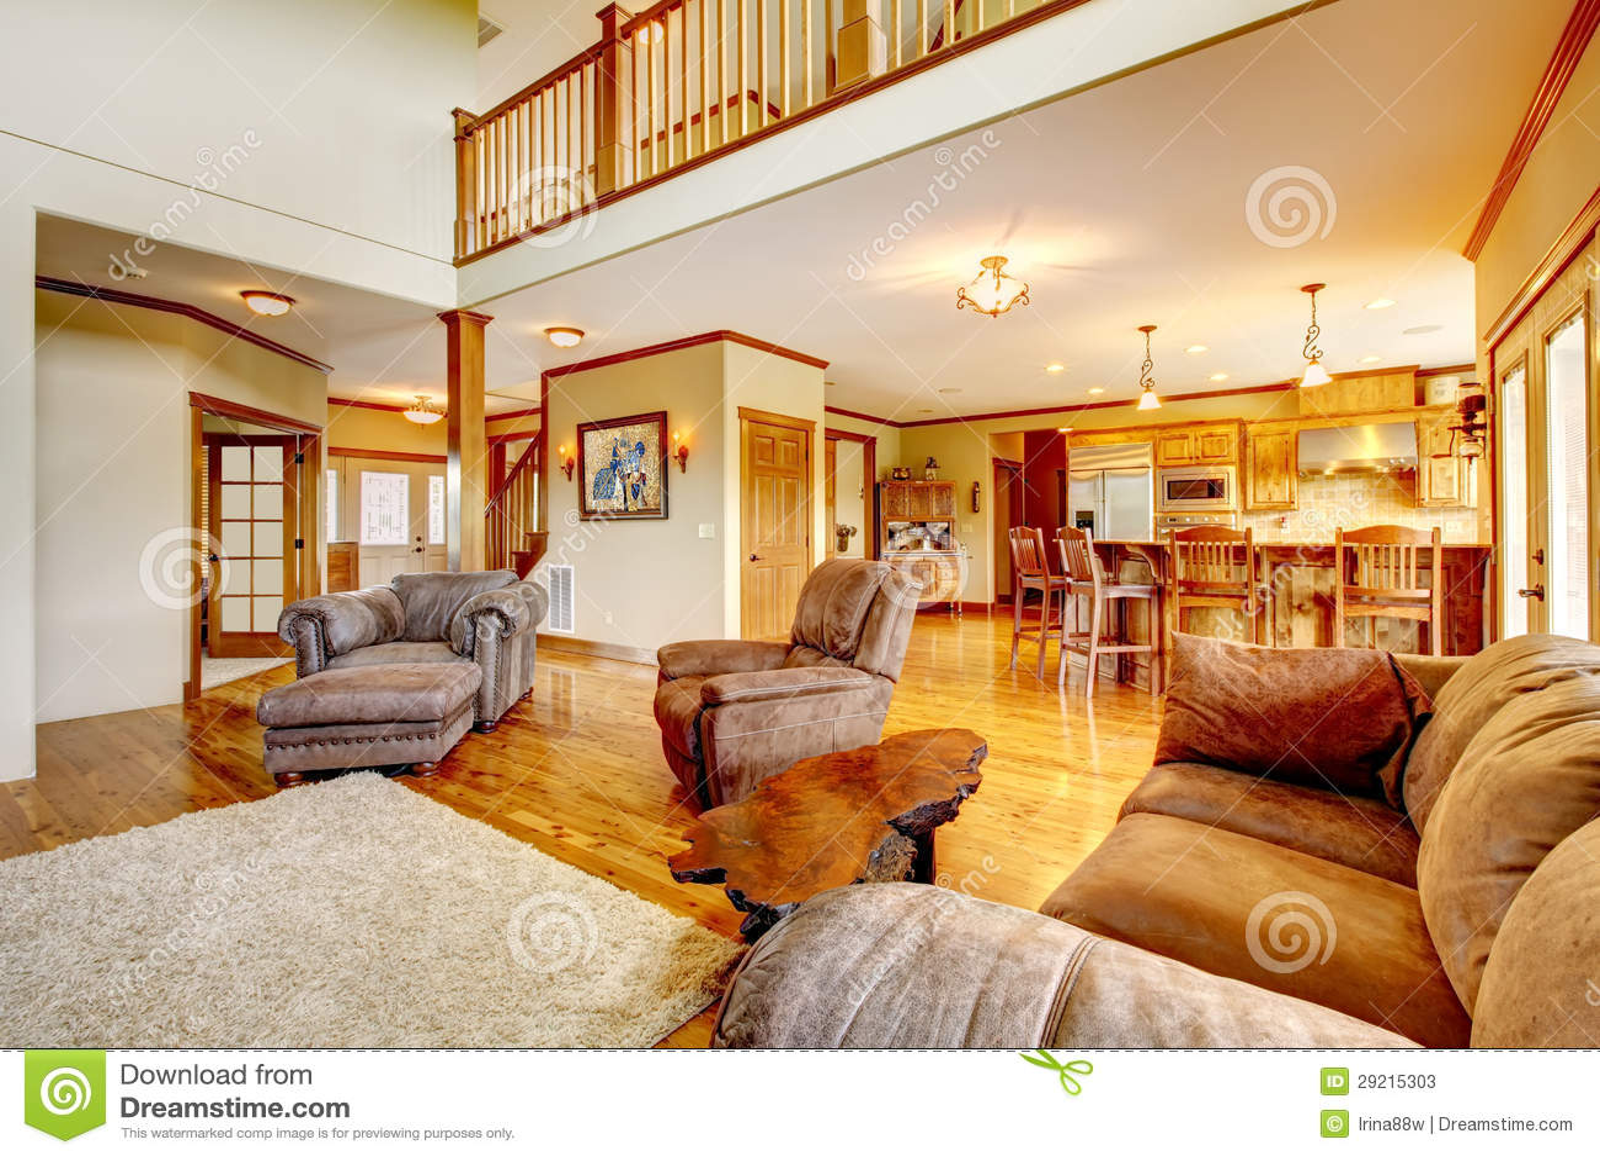 wohnzimmer mit sofa der hohen decke der k che und des leders. Black Bedroom Furniture Sets. Home Design Ideas